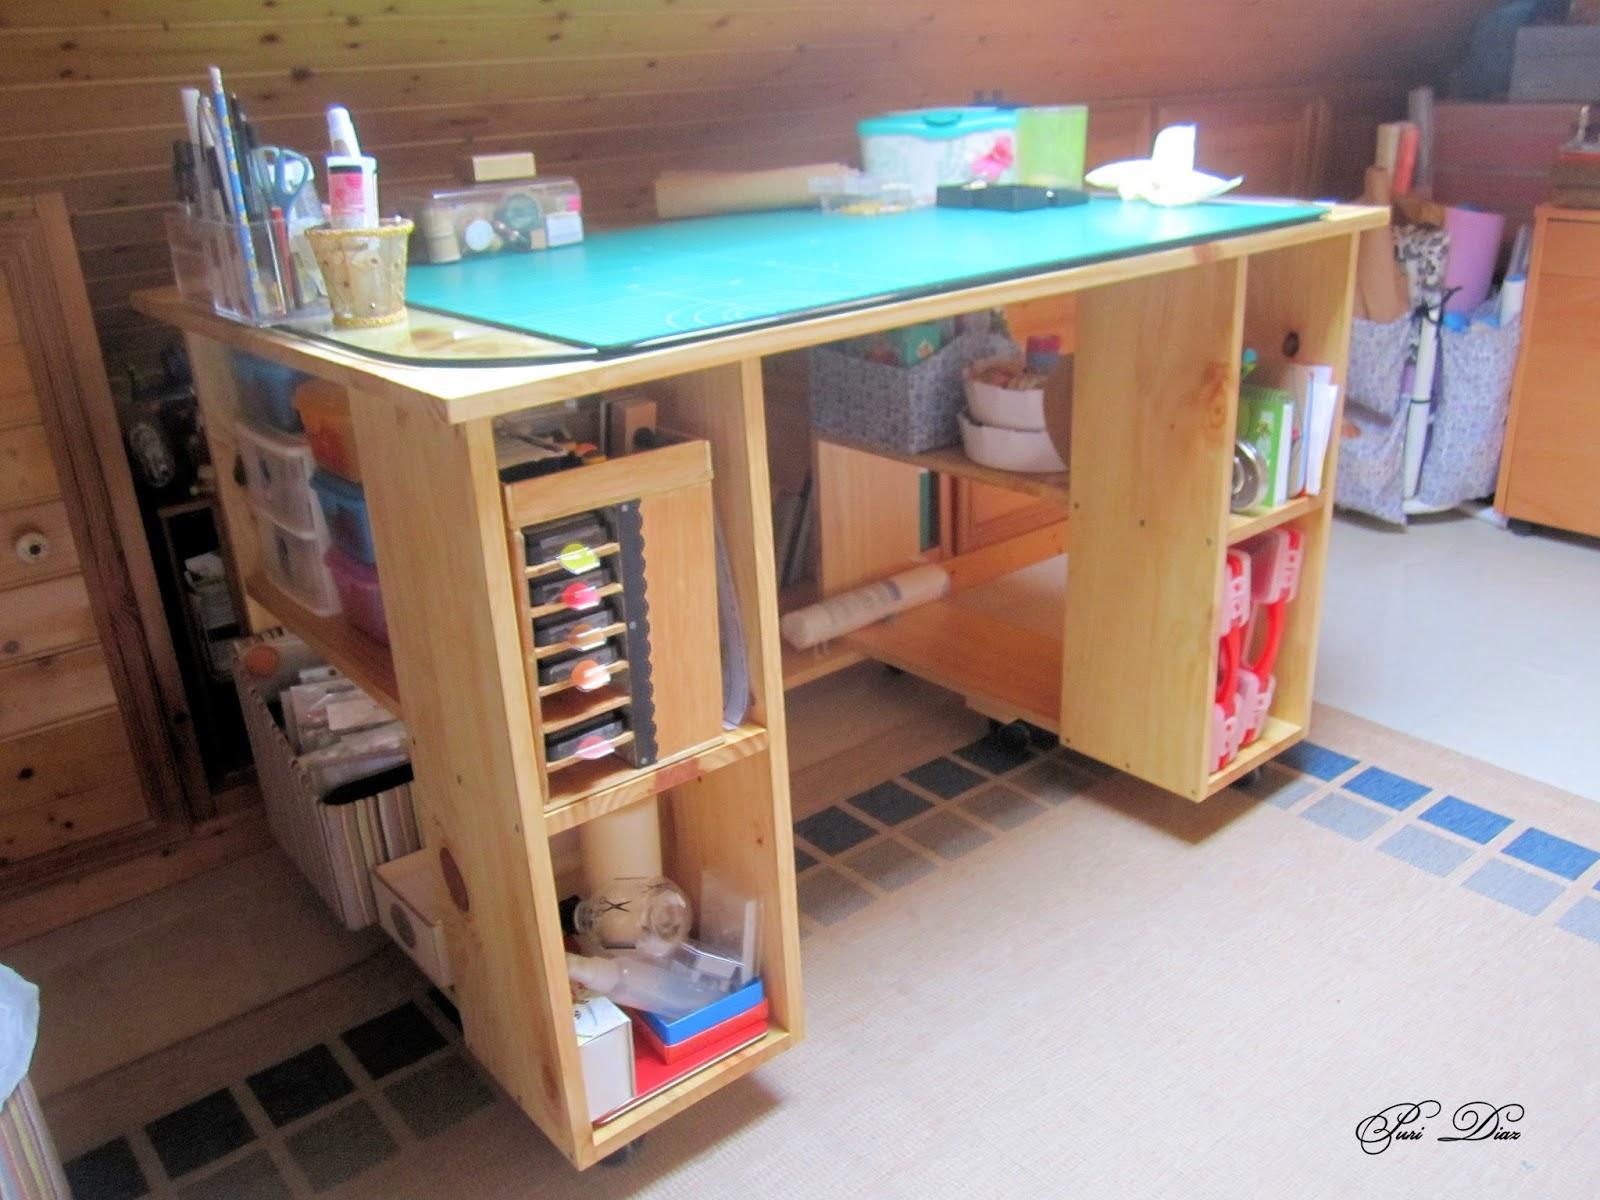 manualidades puri diaz mesa para manualidades realizada